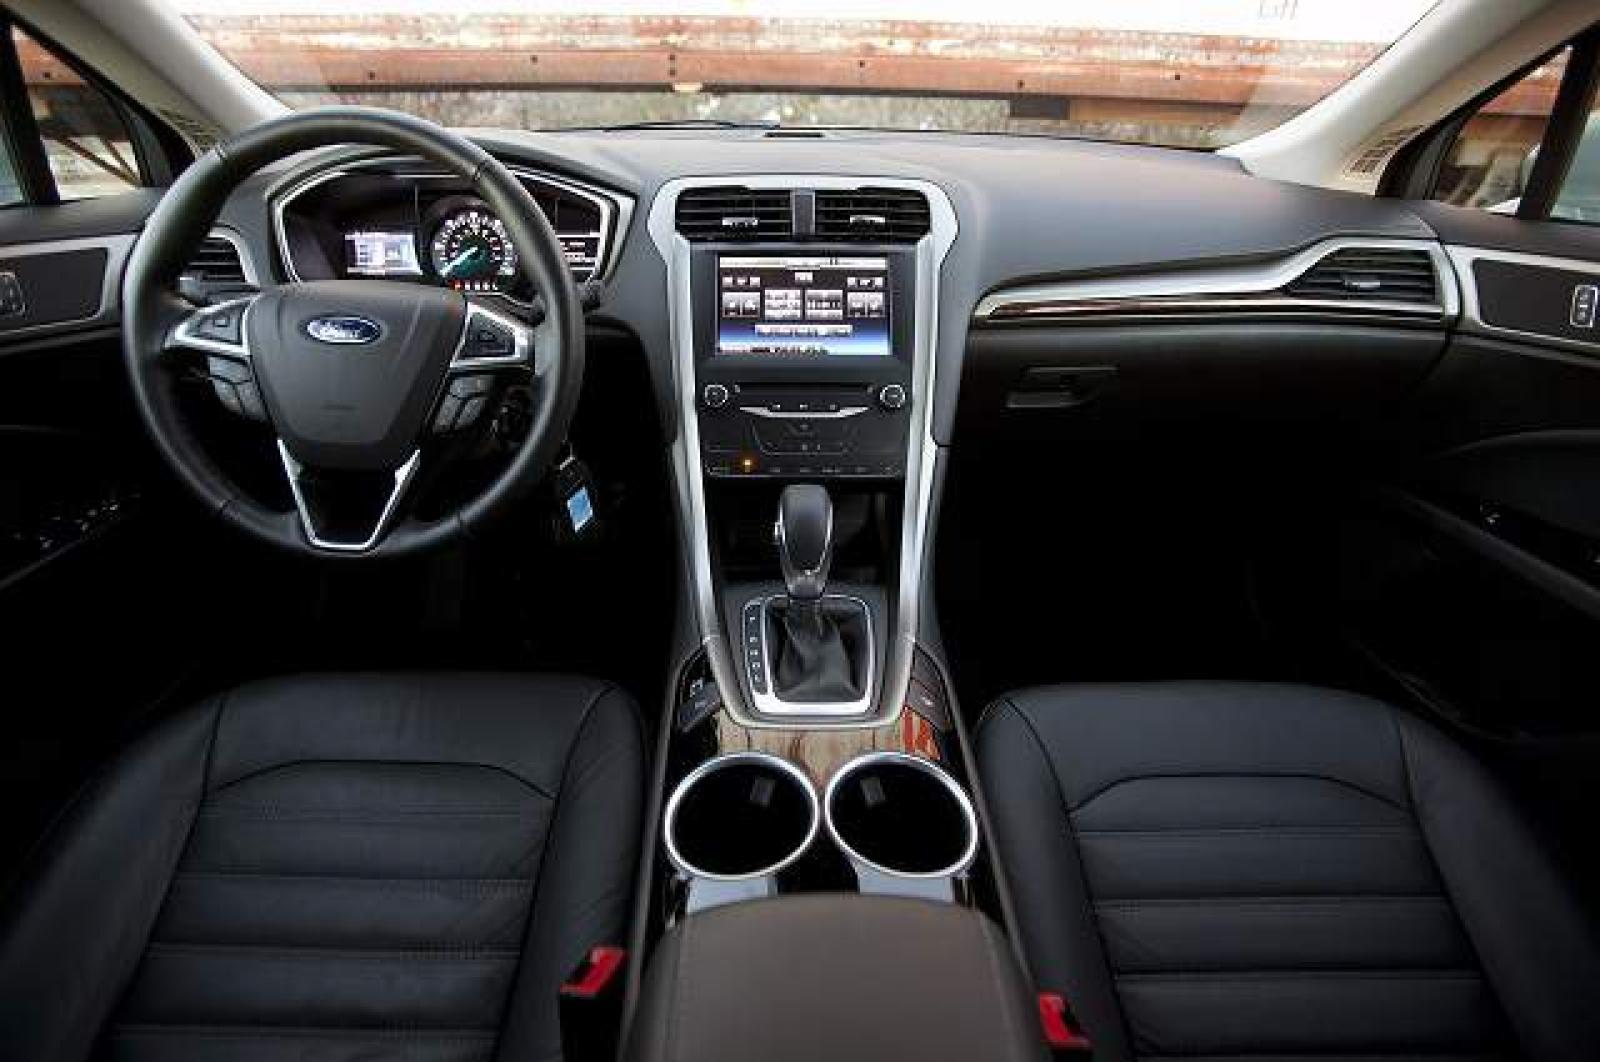 2015 ford fusion hybrid 7